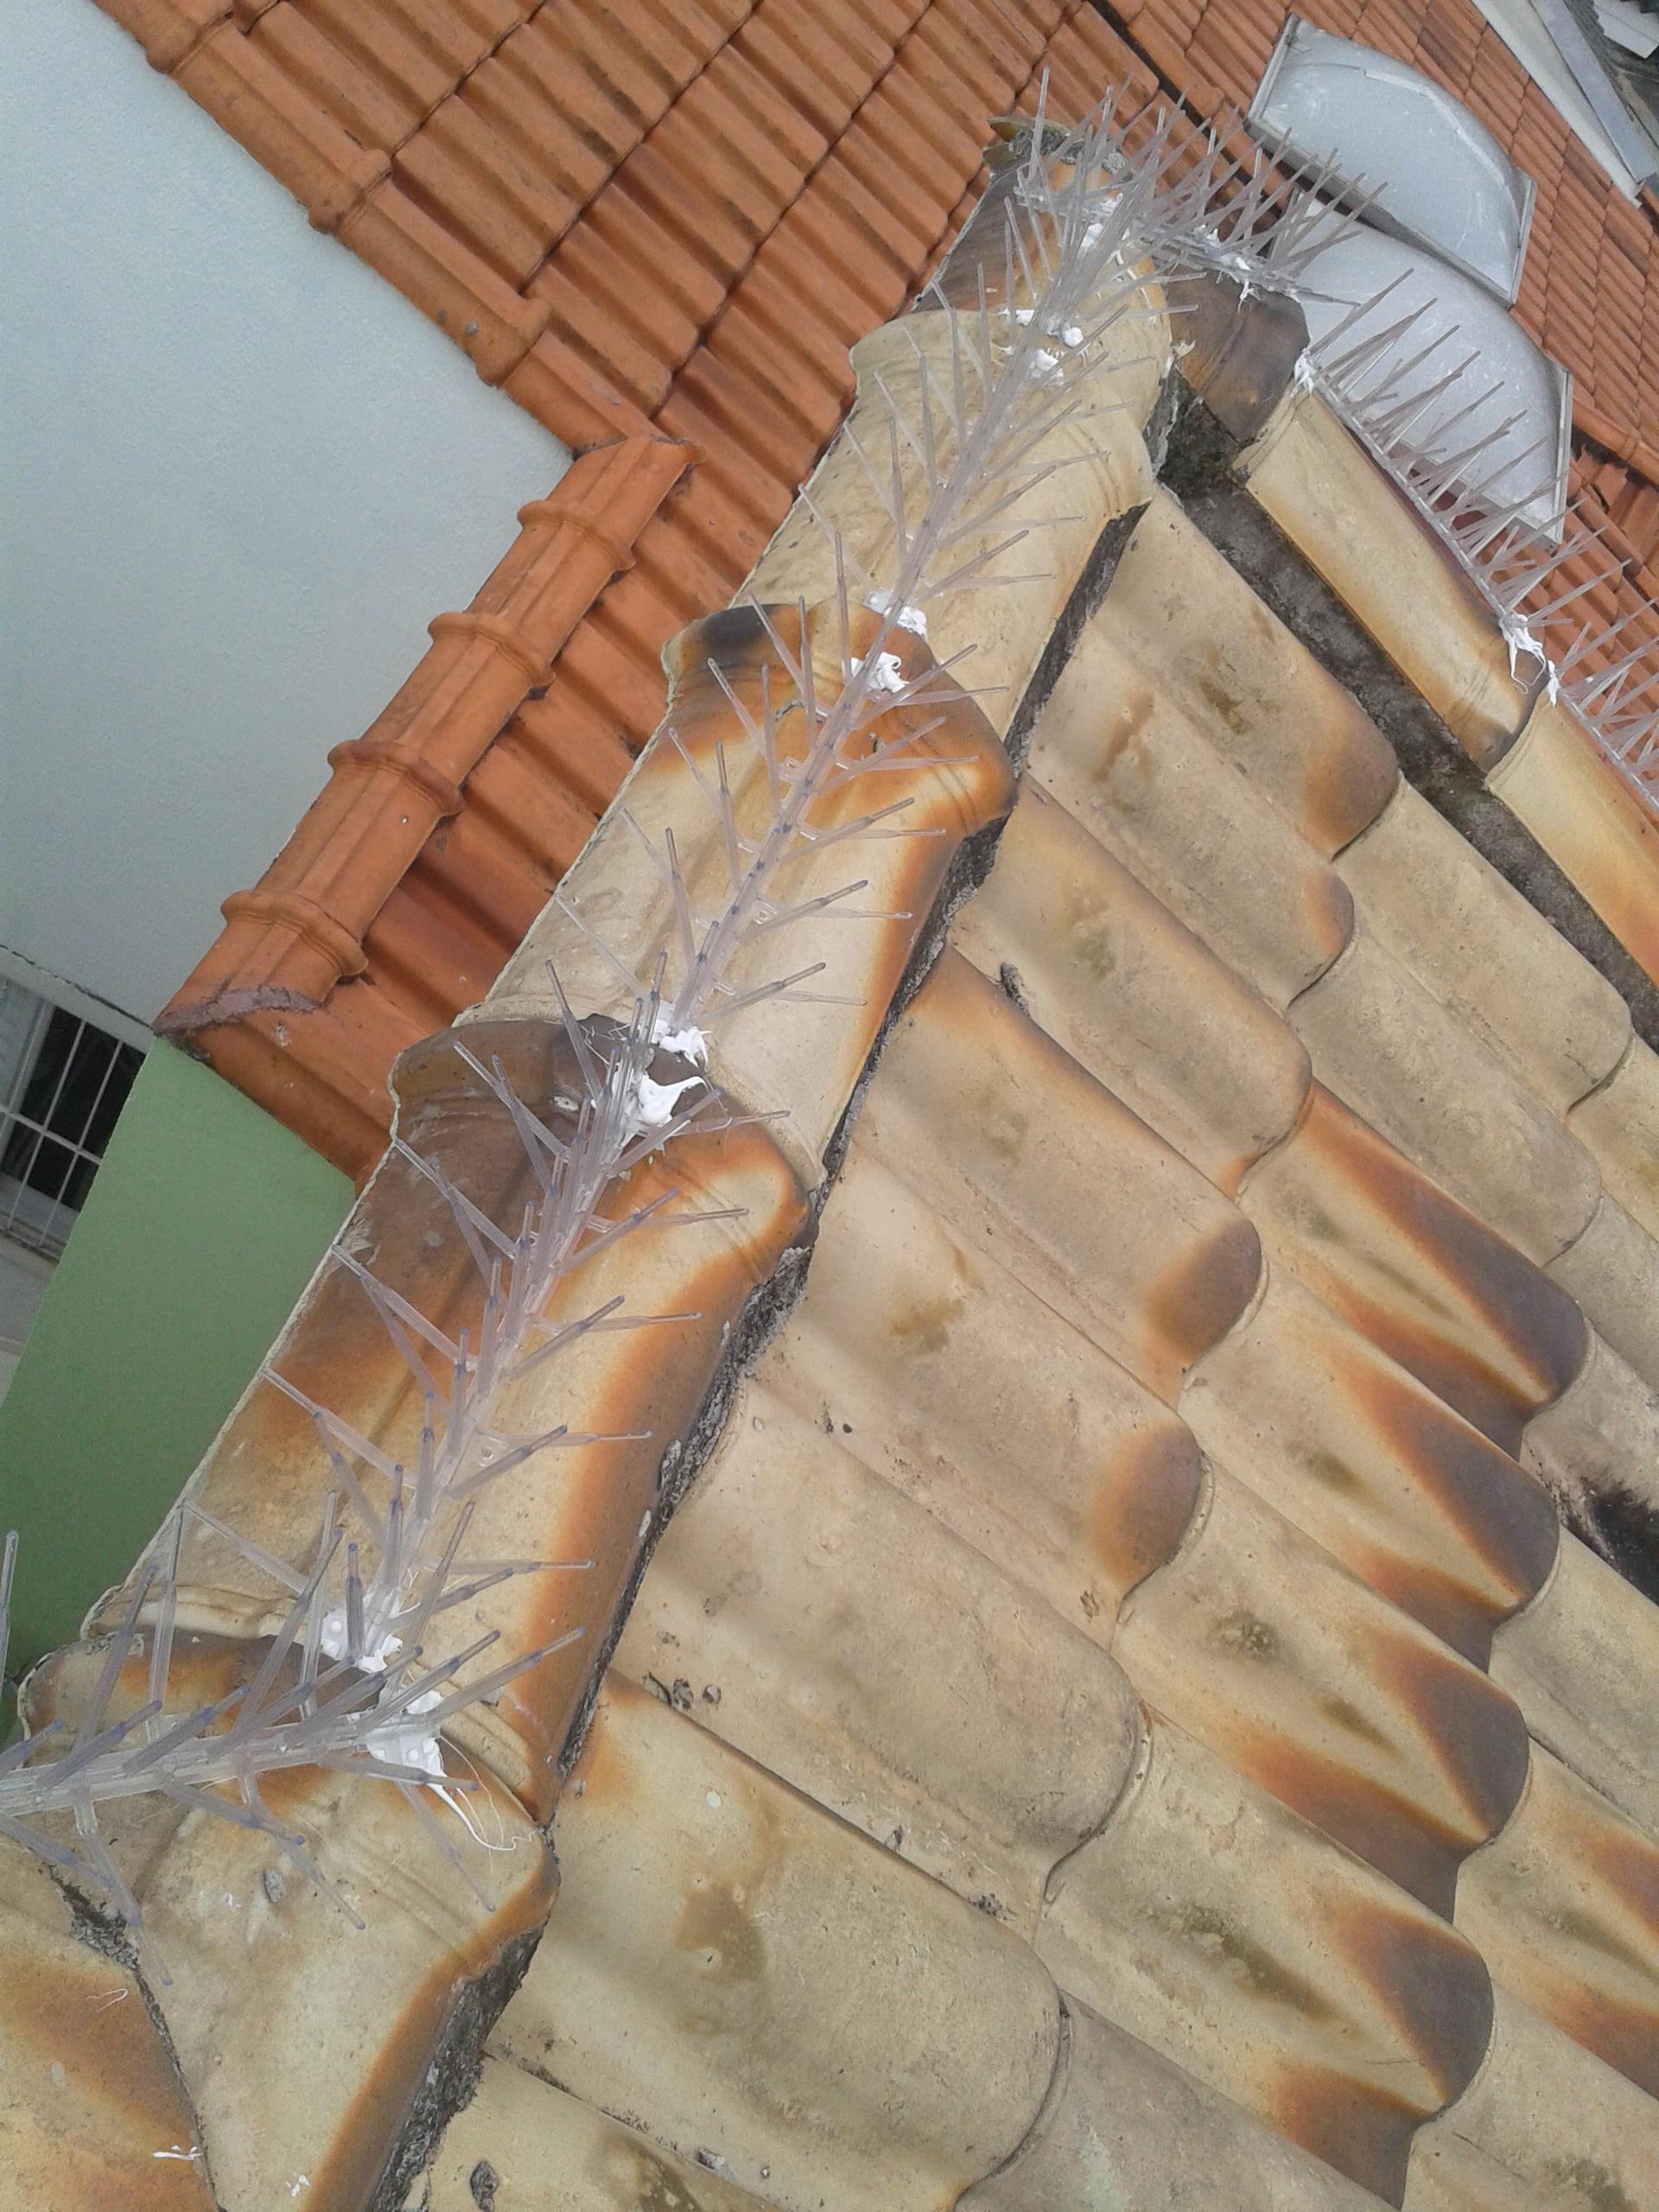 Artesanato Loja Curitiba ~ Colocaç u00e3o de espicula anti pombo em telhado Parada inglesa zona norte de s u00e3o paulo Roberto